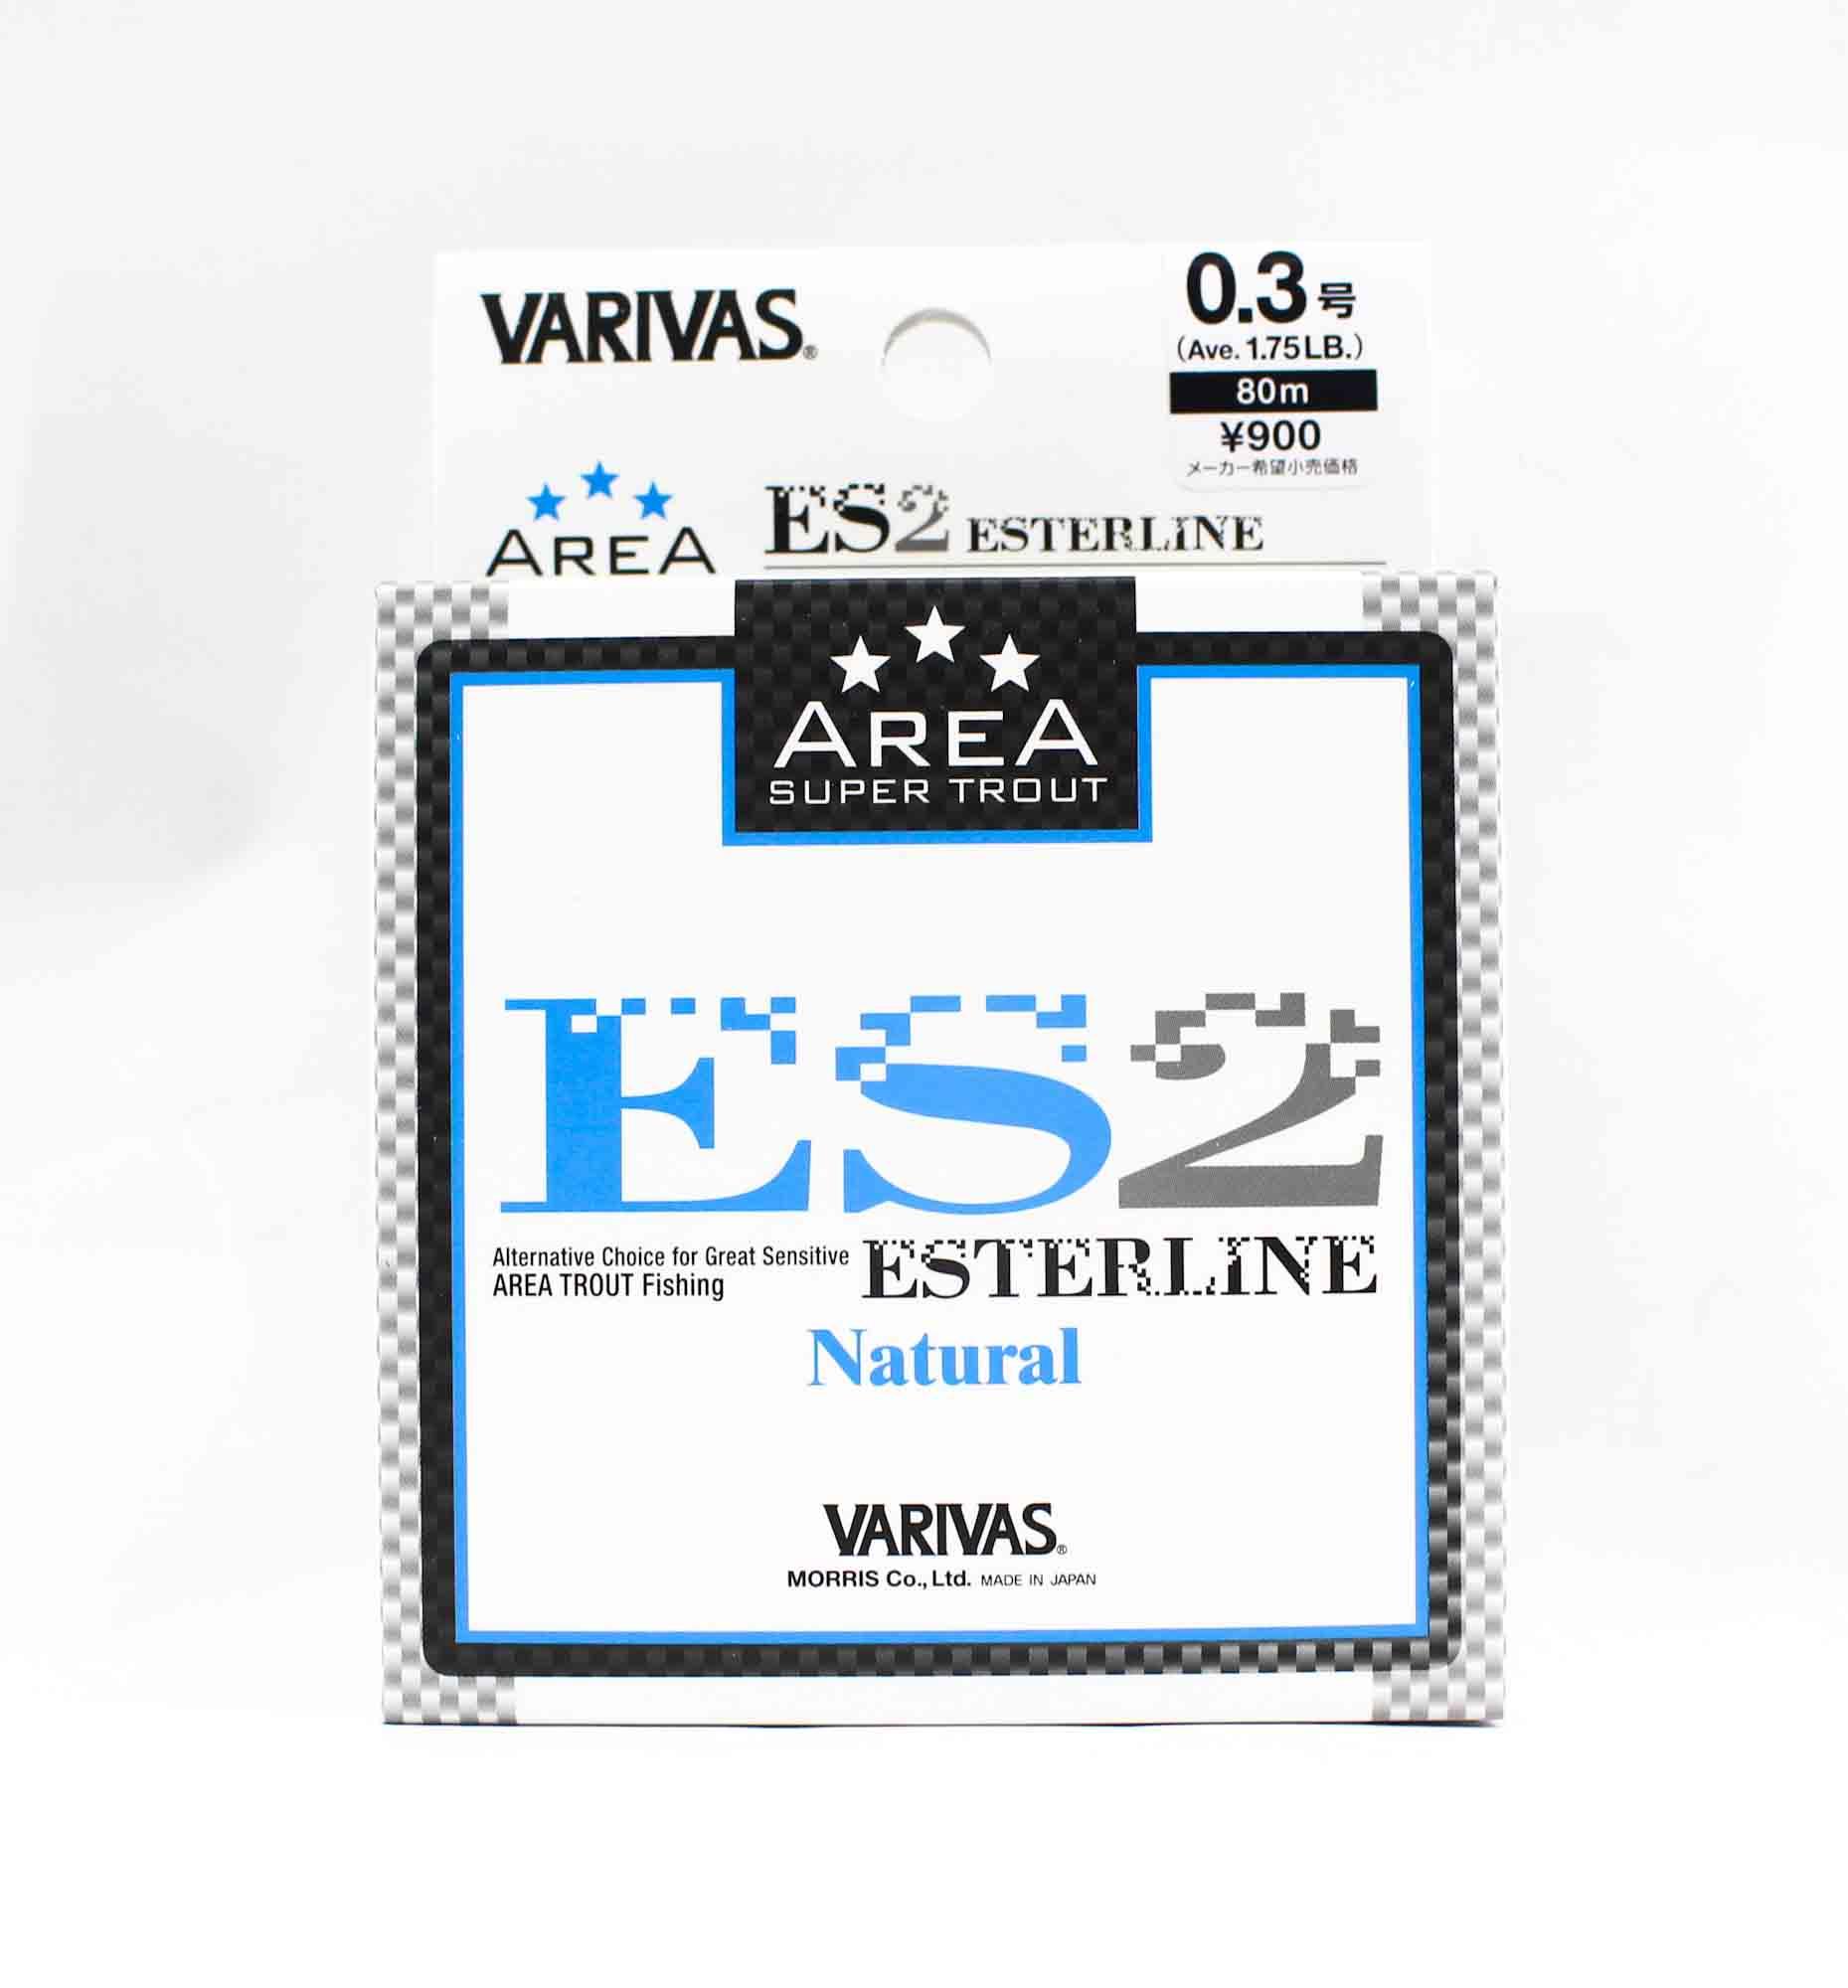 Varivas Ester Line Trout Area ES2 Natural 80m 0.3, 1.75lb (5287)